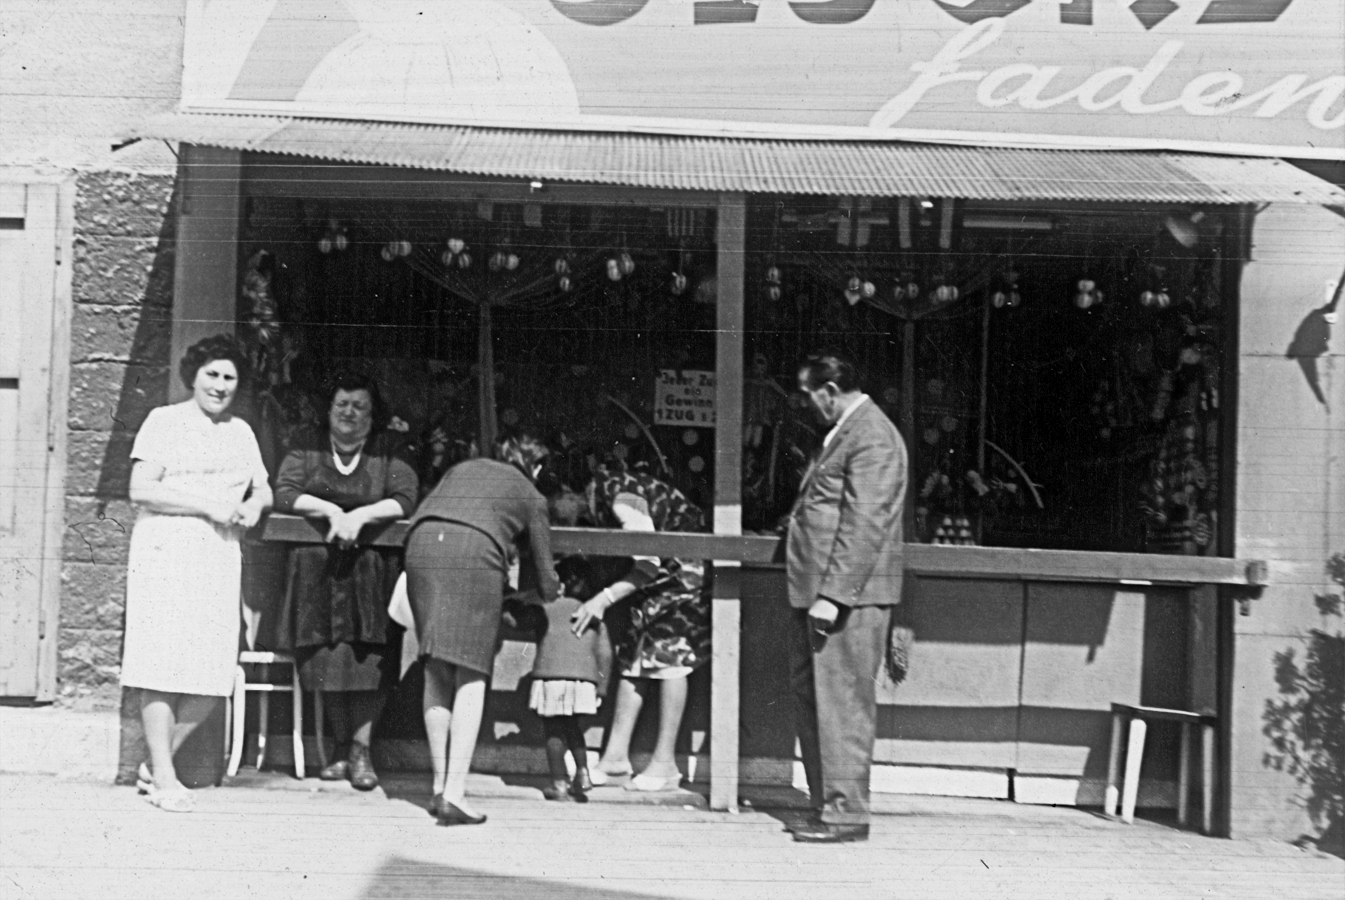 v.l.n.r.: Nichte Brigitte, Helene Schaaf, Mitarbeiterin und Kunden im Fadenzug, Prater 44, 1964